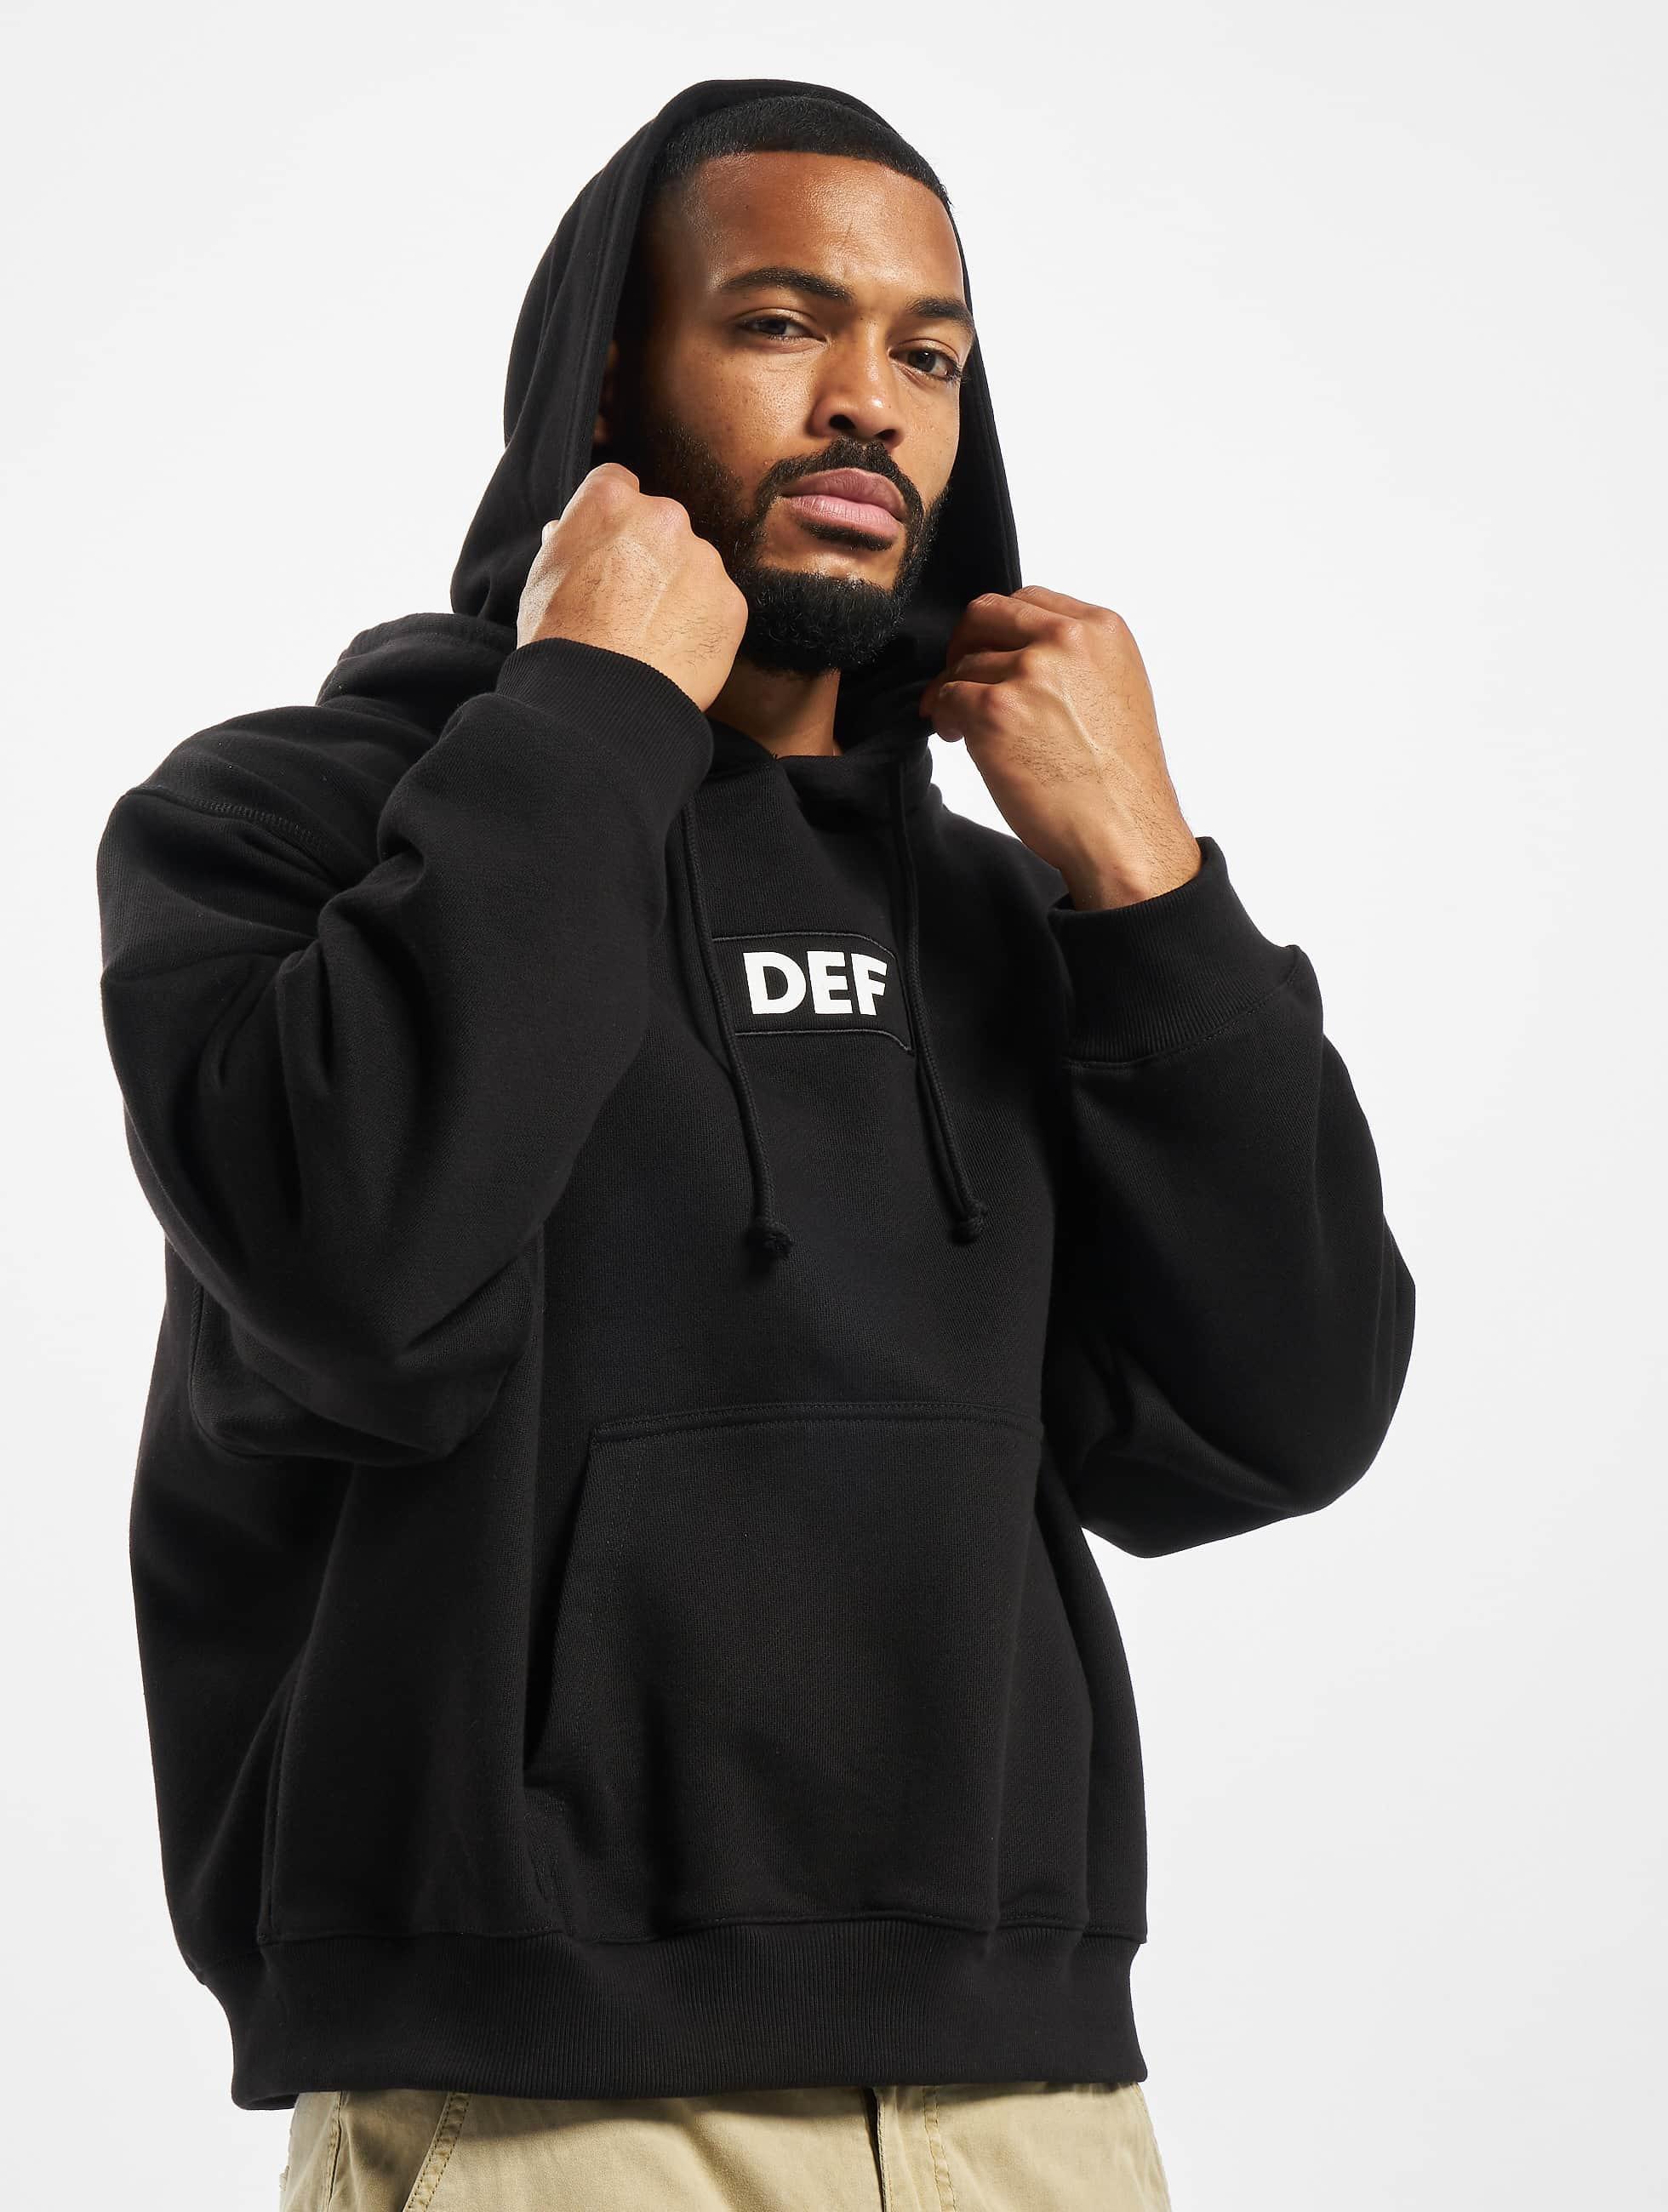 DEF / Hoodie Franky in black XL